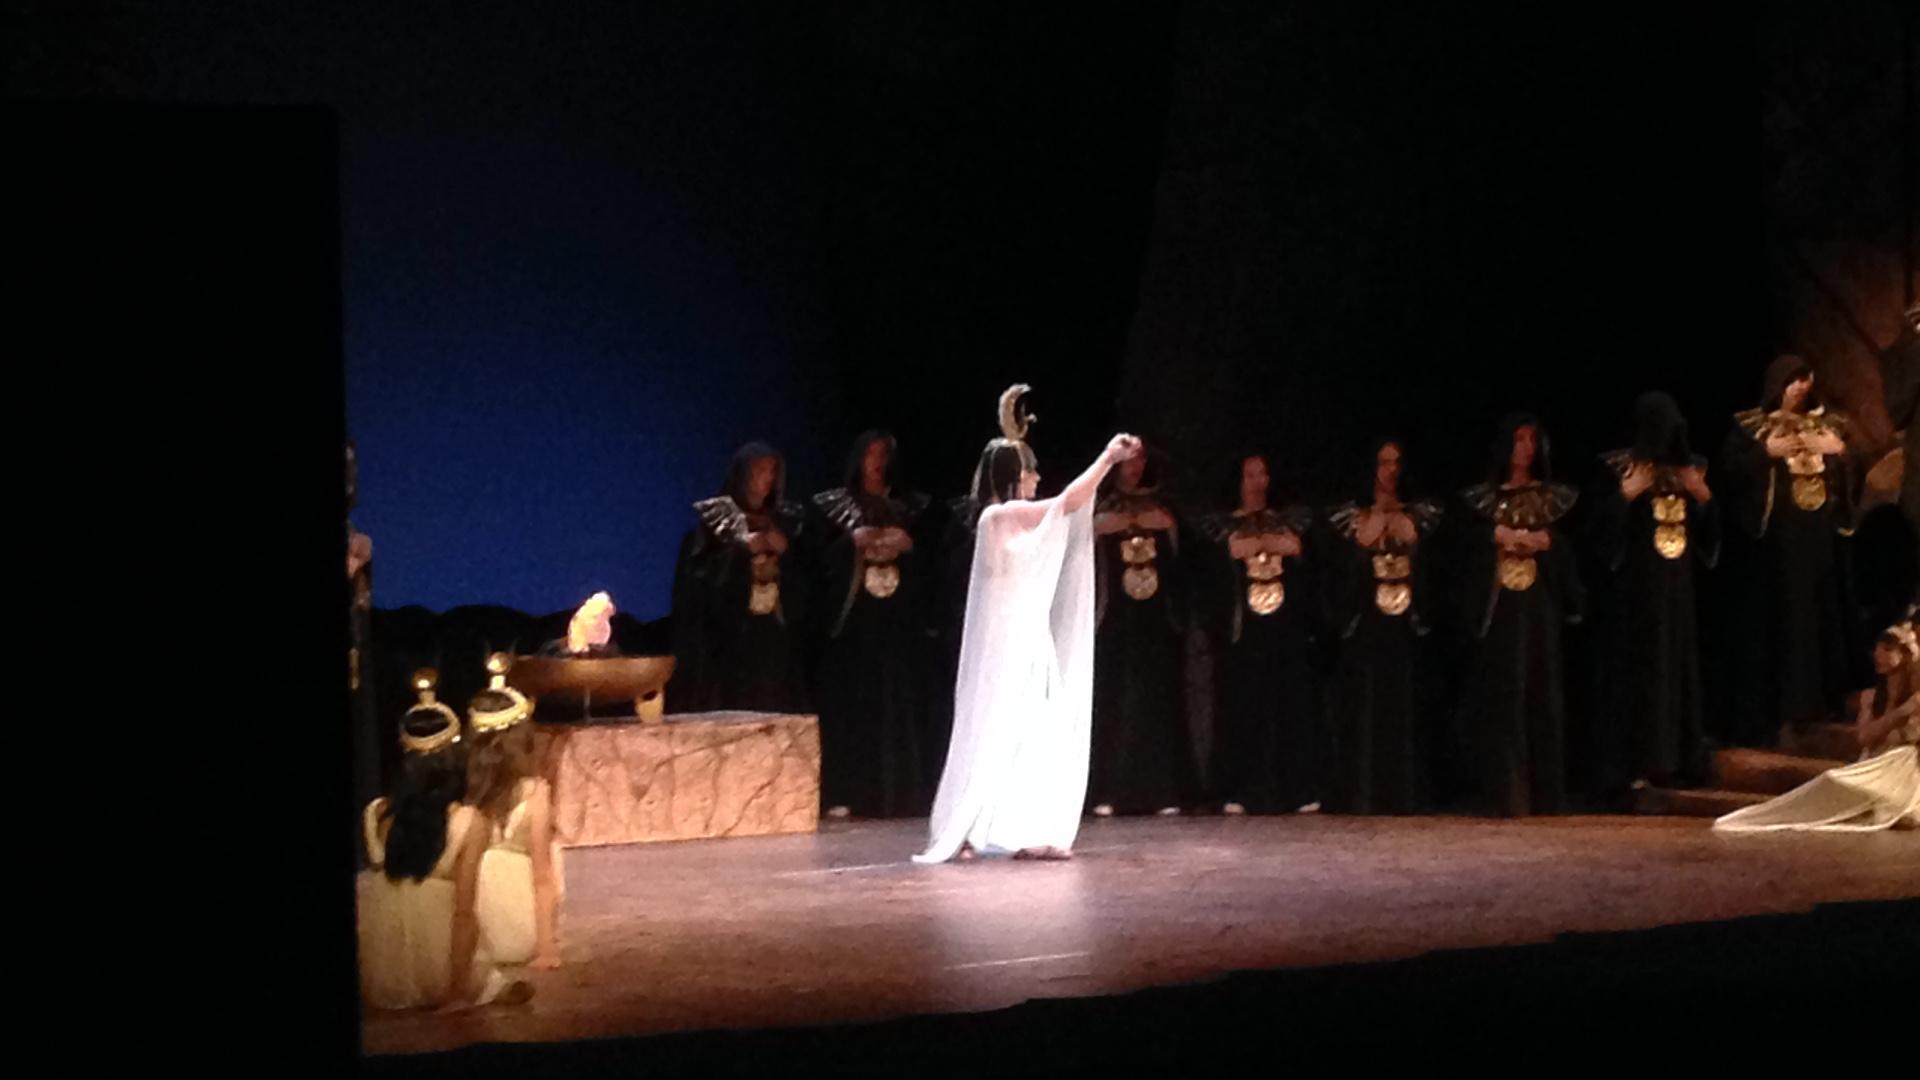 Sacerdotessa in Aida on Japan tour Oct 2014-2